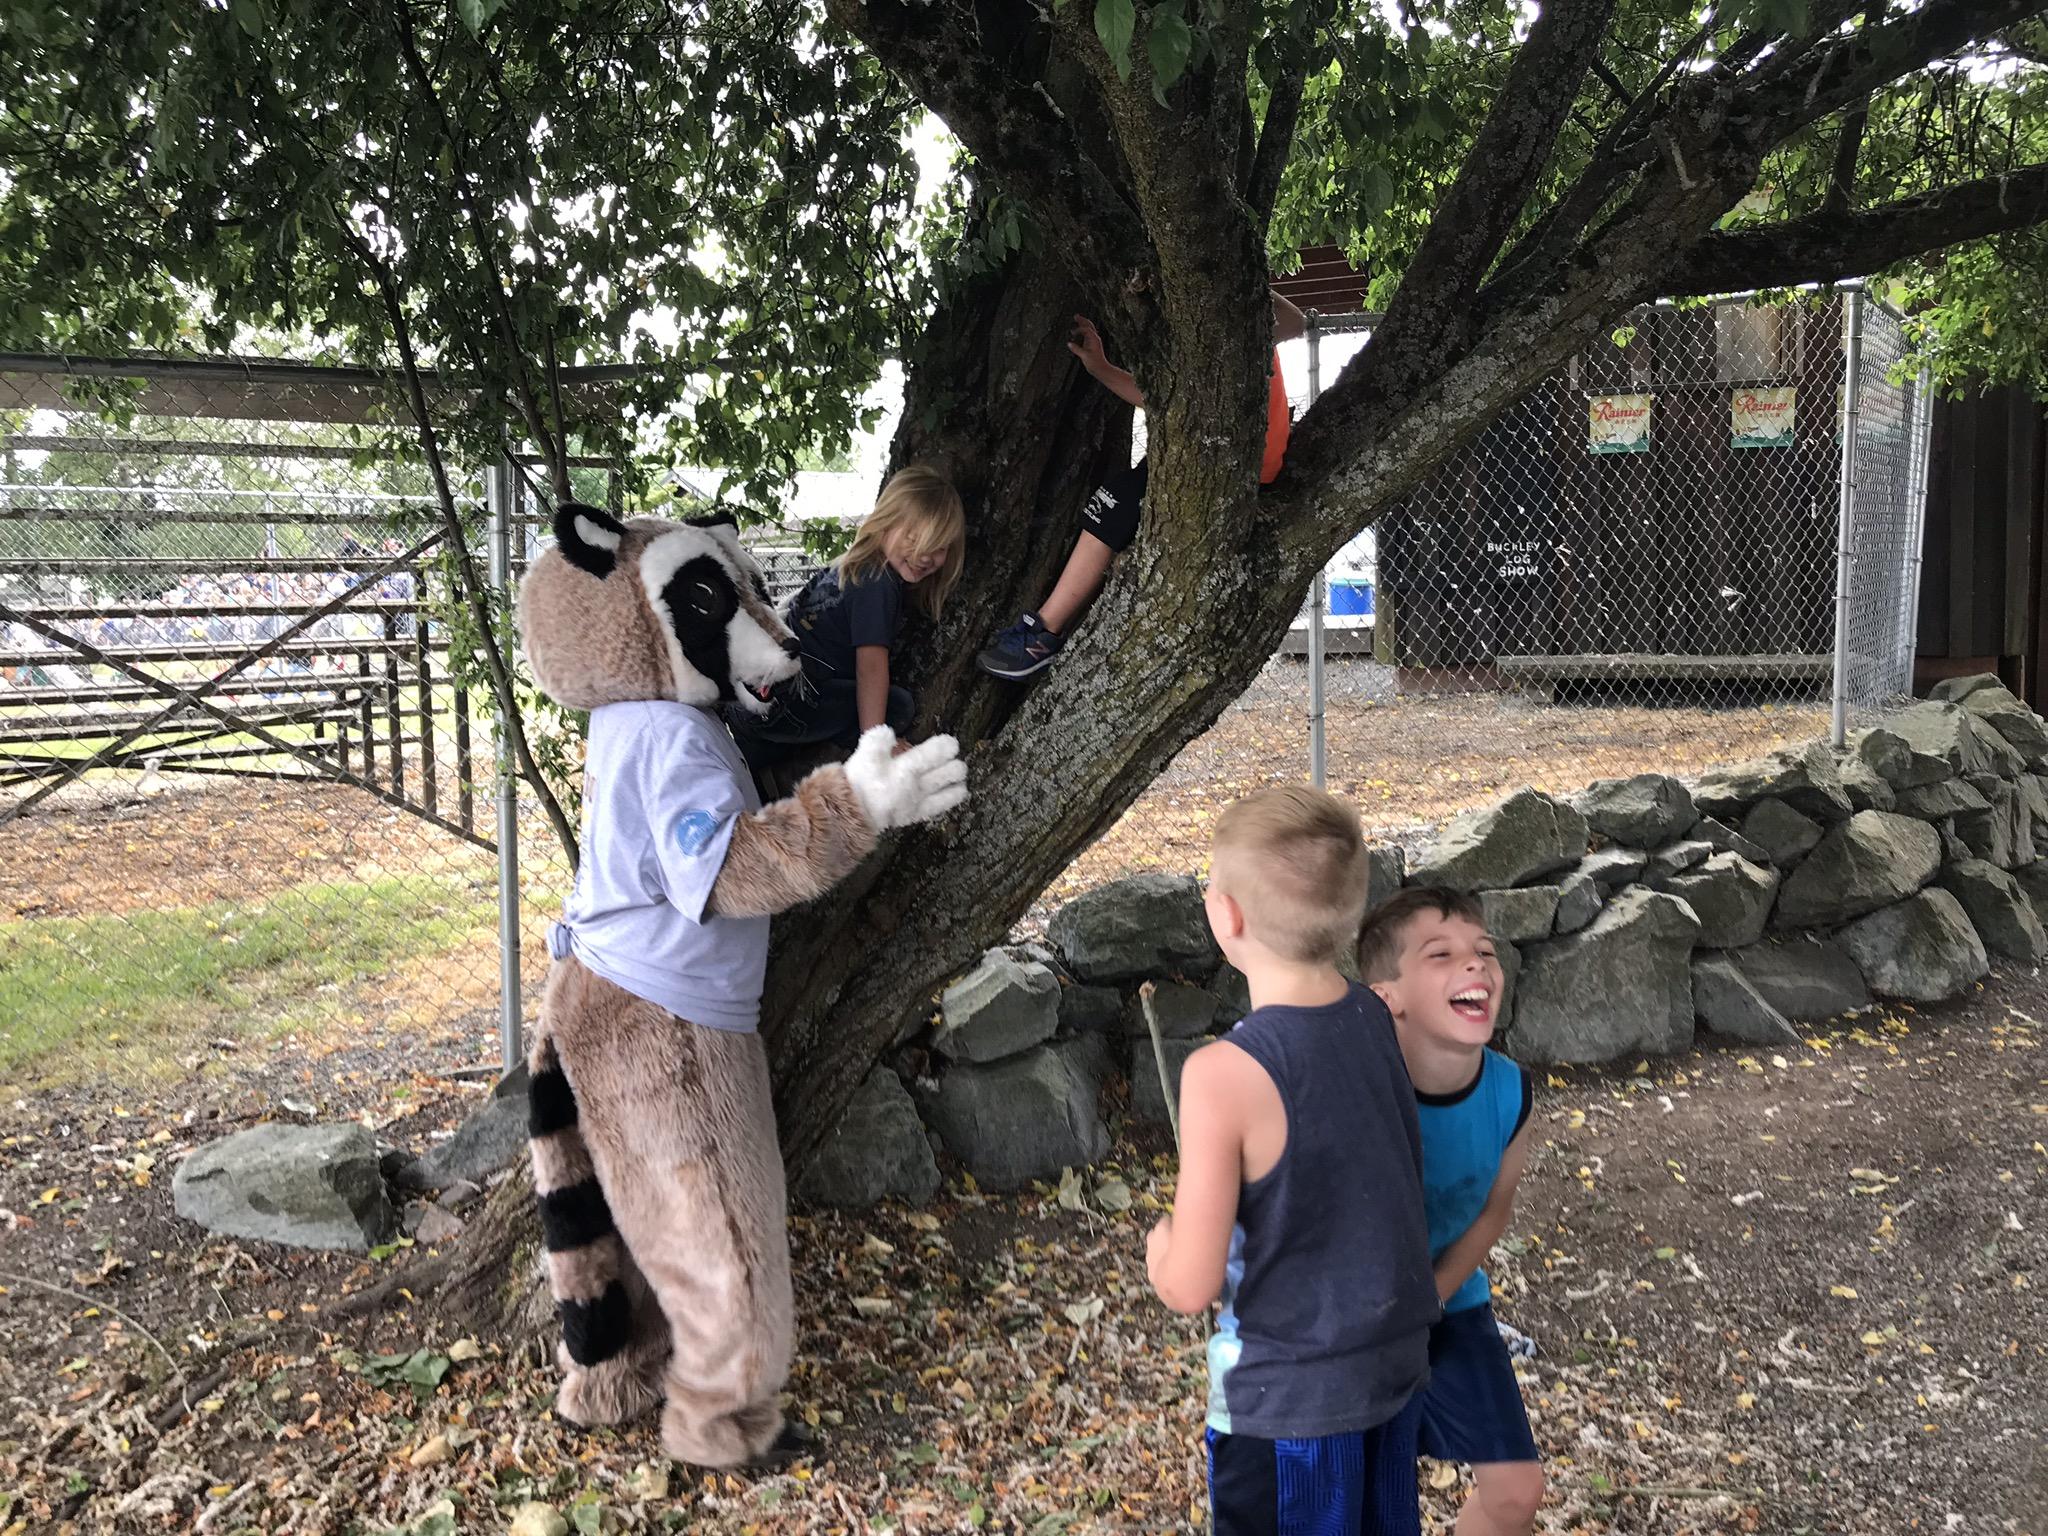 Rocky Raccoon climbing tree with kids